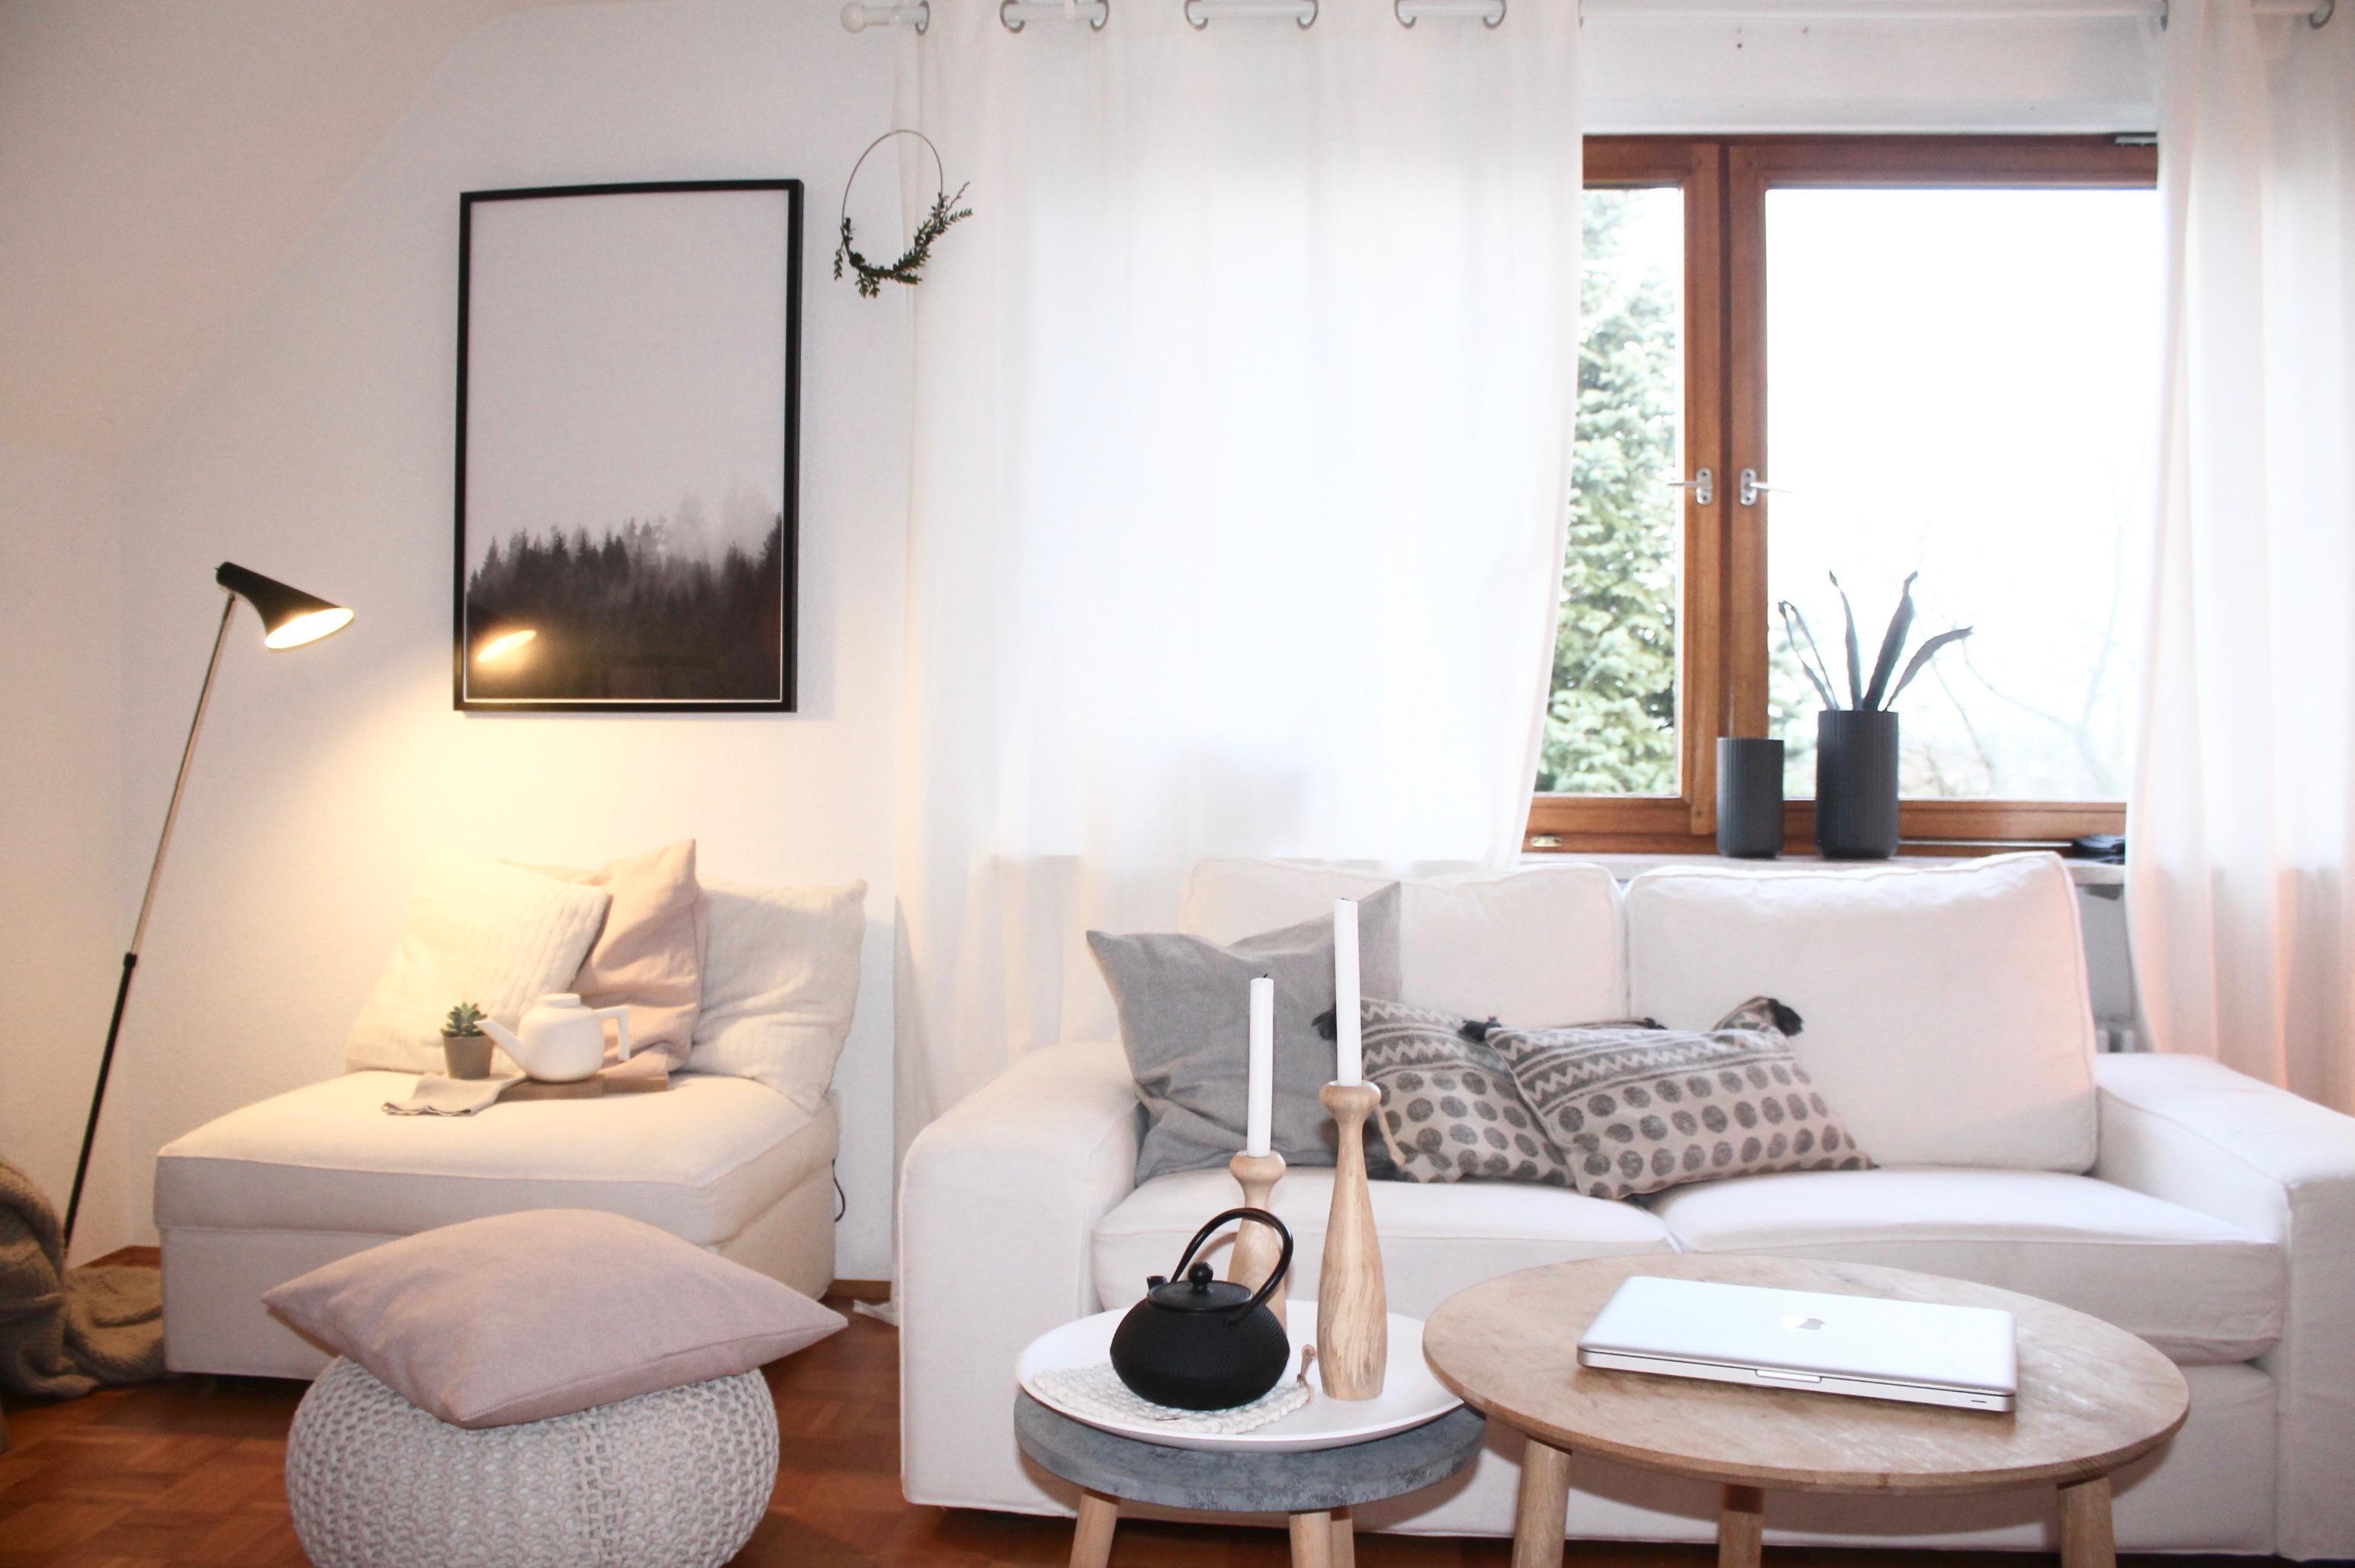 Beistelltisch Wohnzimmer Kissen Kerzenstnder Ikea